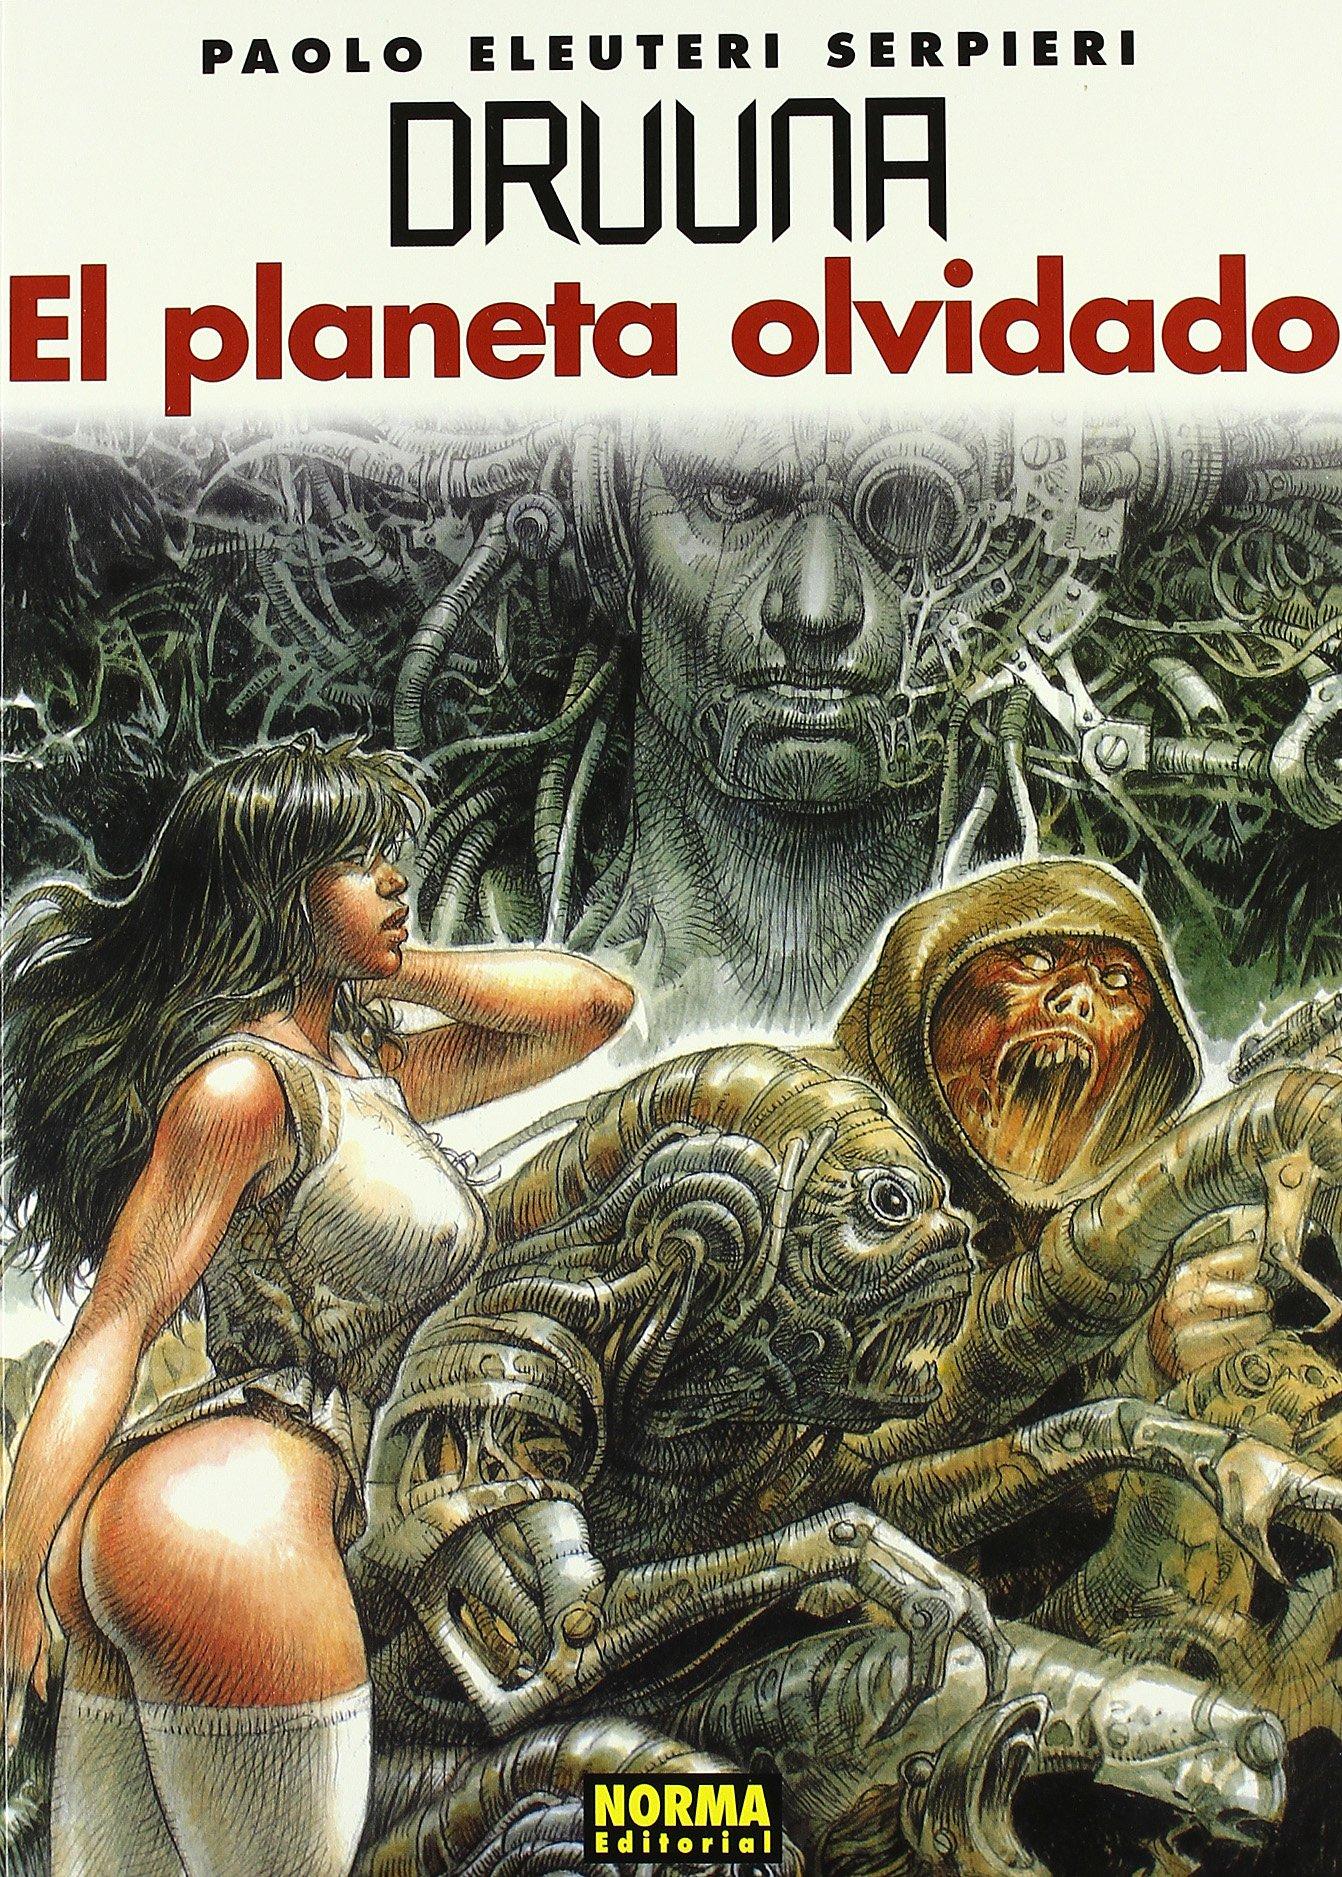 DRUUNA 7: EL PLANETA OLVIDADO (SERPIERI): Amazon.es: Serpieri: Libros